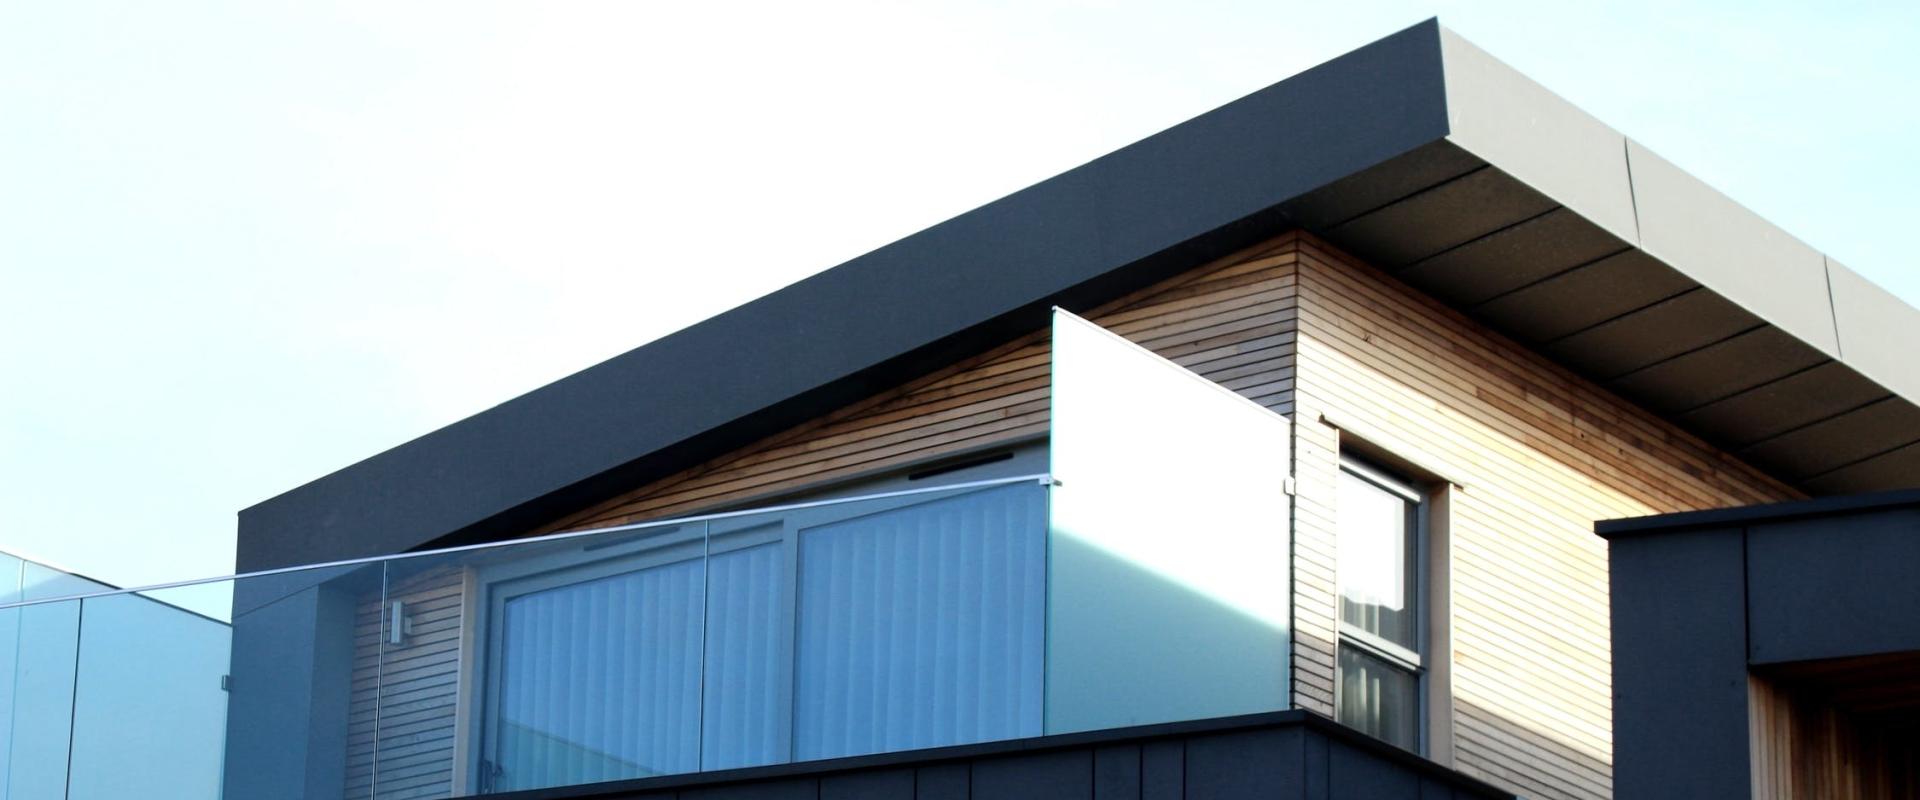 Nieuwbouw woning twee onder een kap in Hoofdplaat